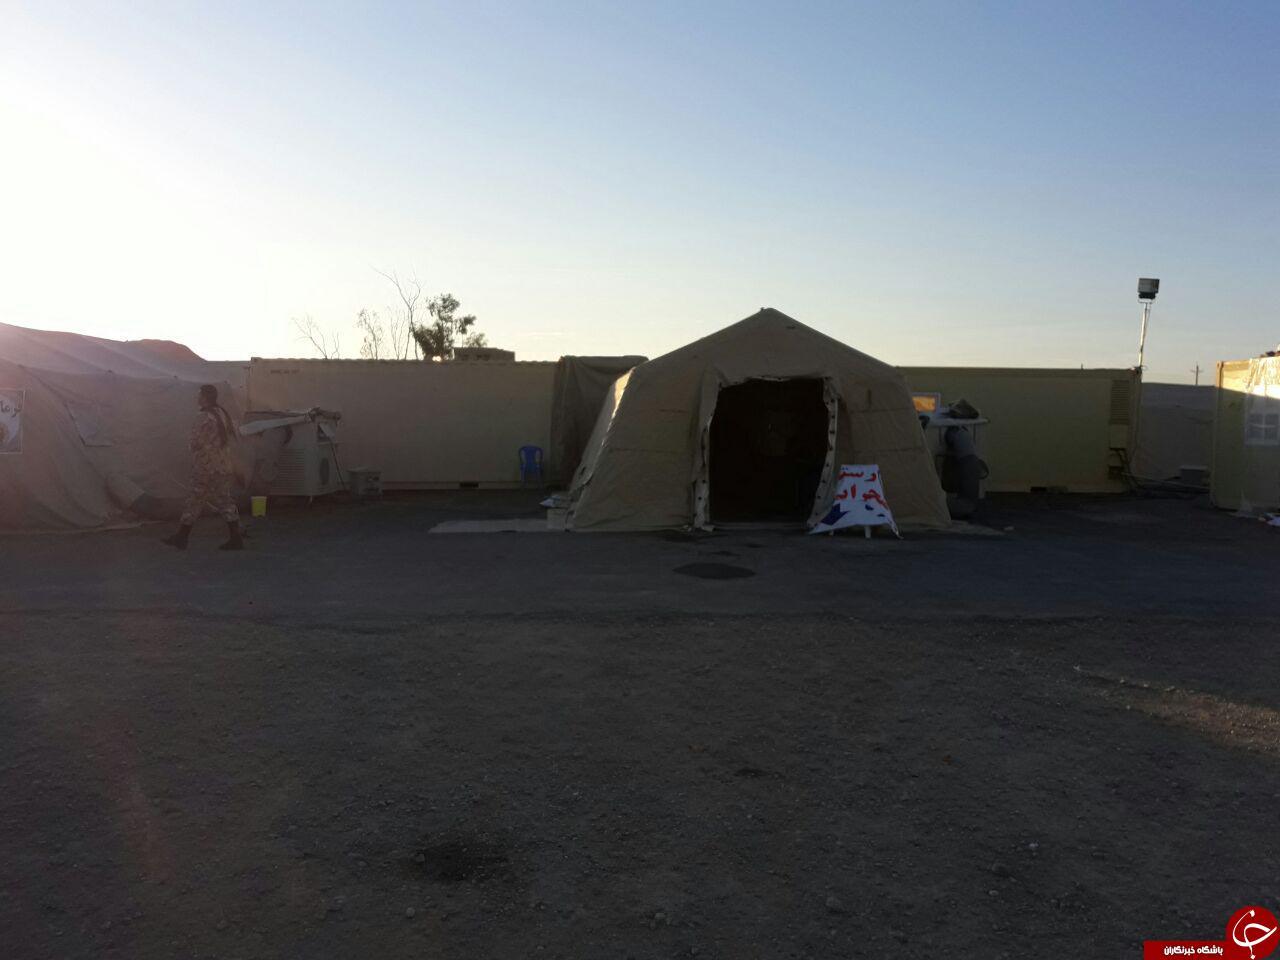 دایر شدن بیمارستان صحرایی توسط ارتش در قصرشیرین + فیلم